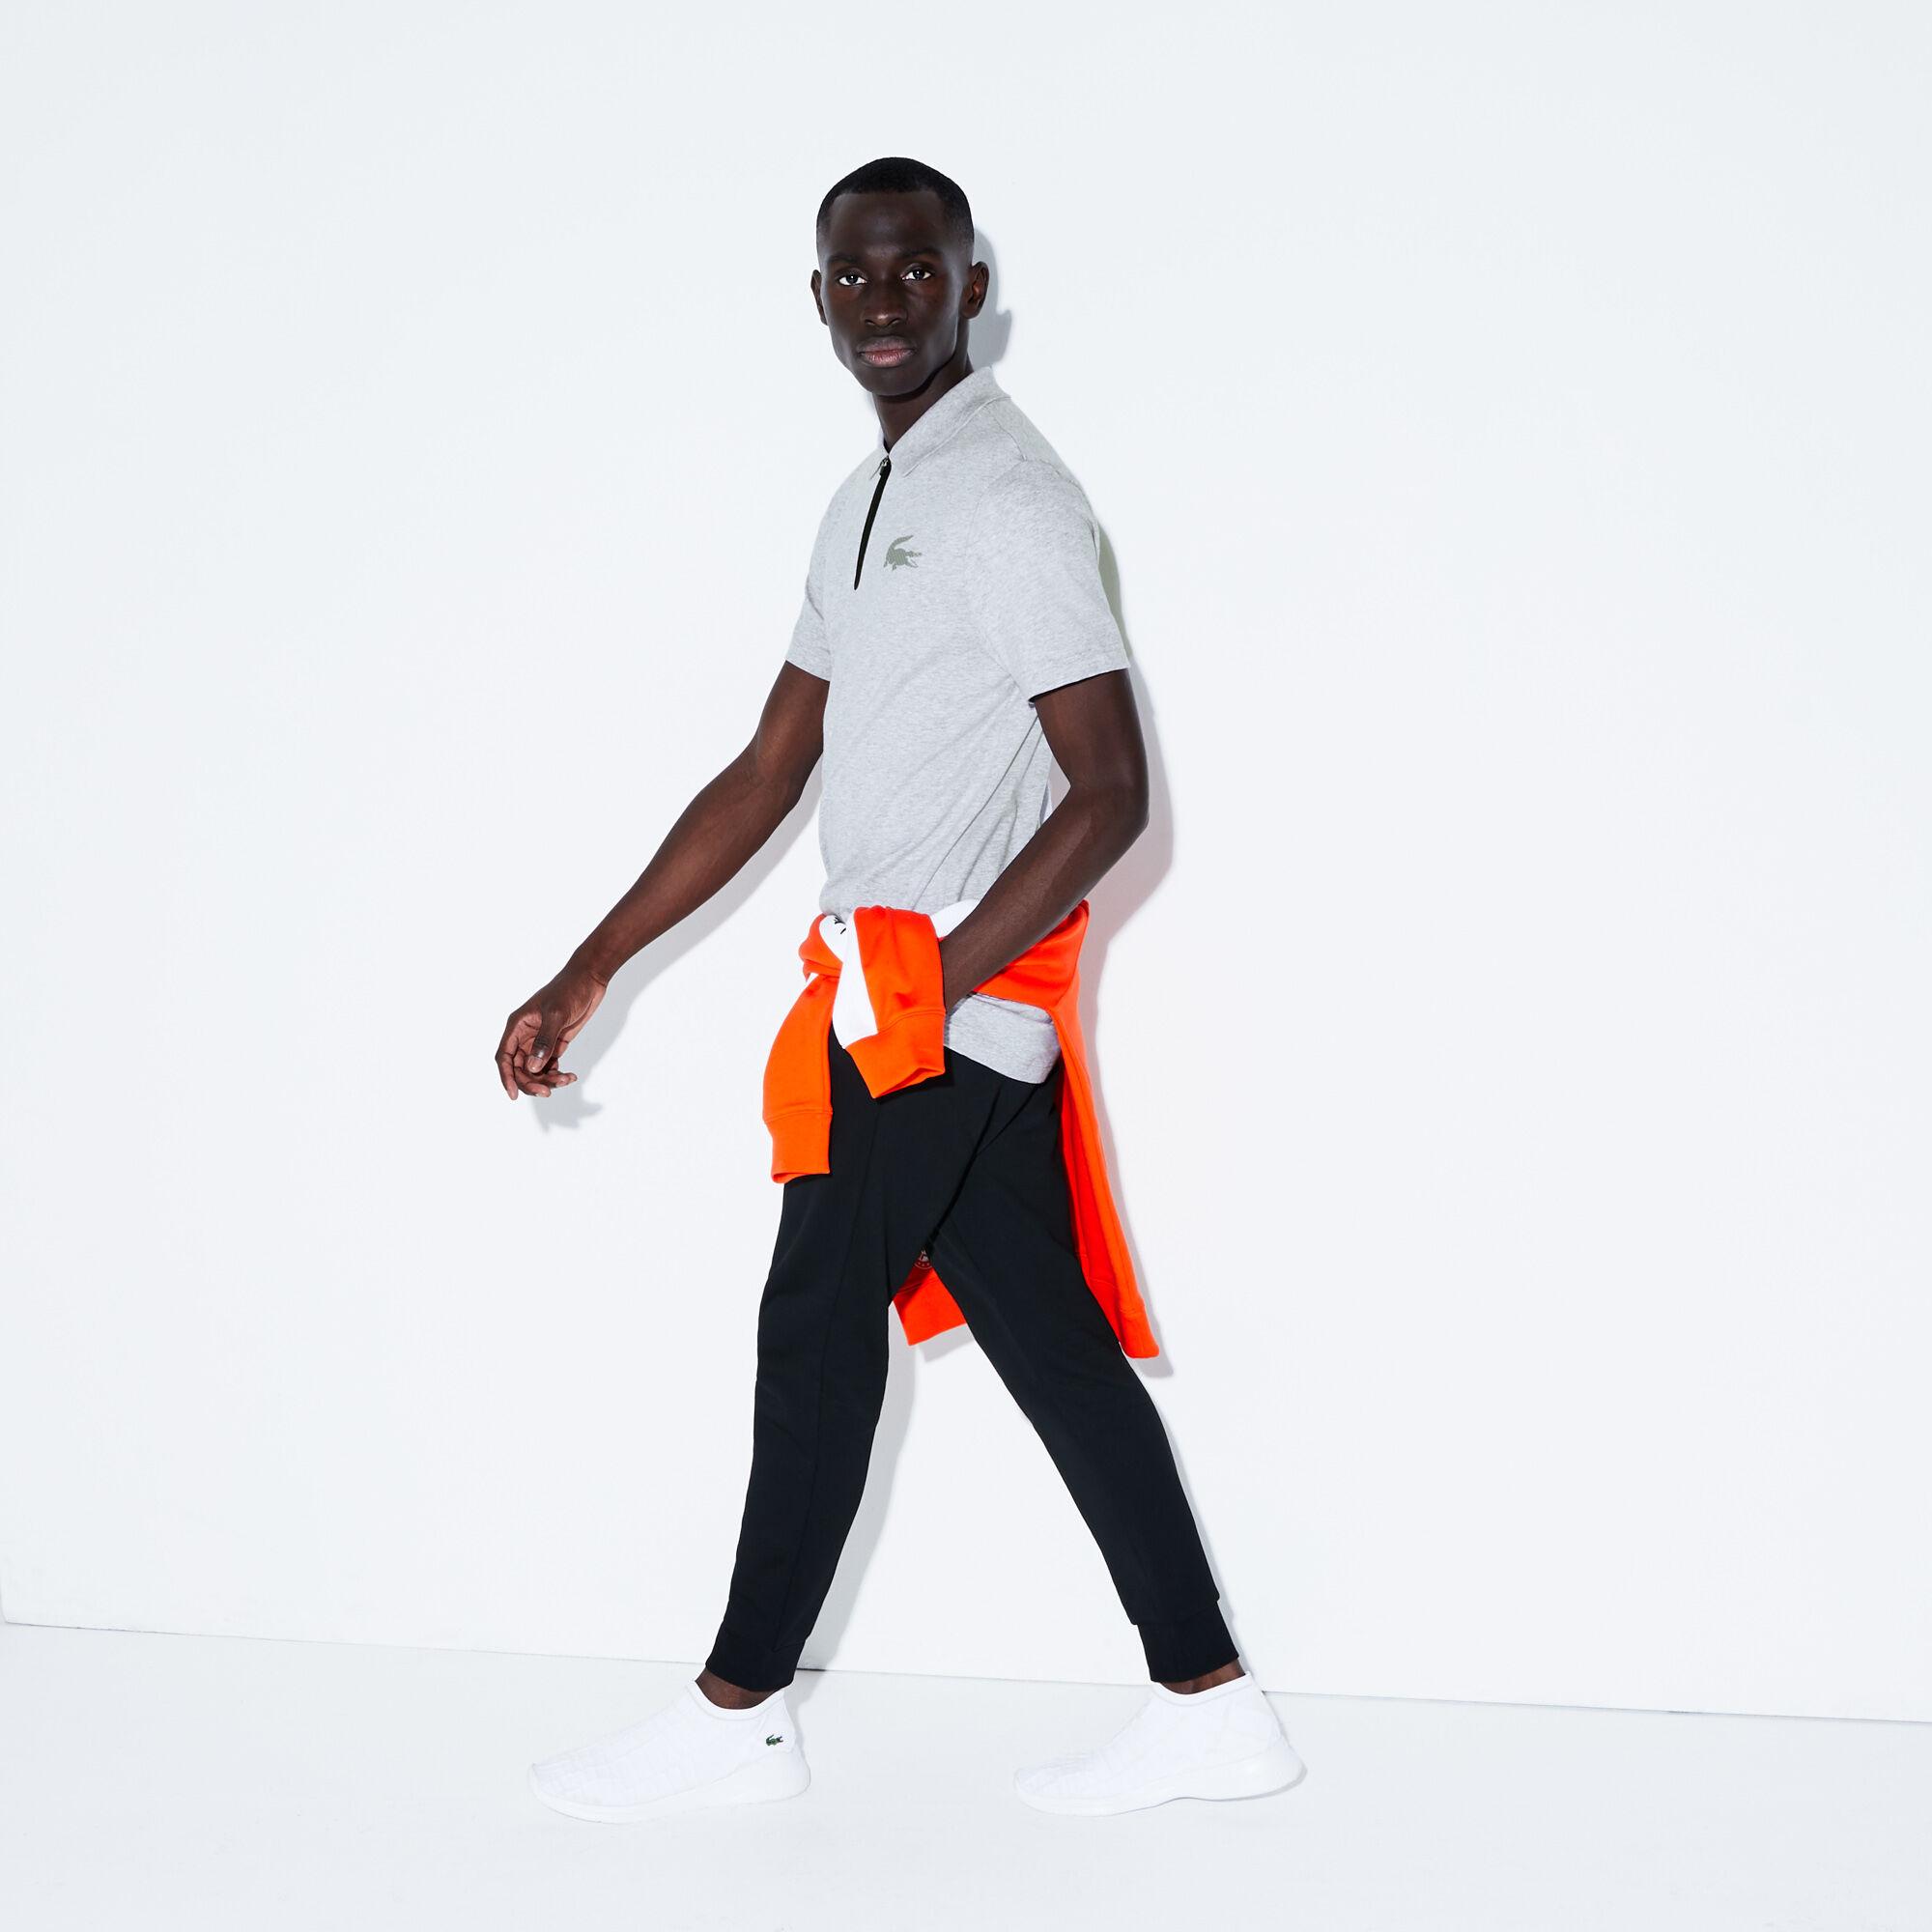 قميص بولو قطني للرجال بسحاب عند الياقة وعلامة التمساح المجسمة من مجموعة Lacoste SPORT